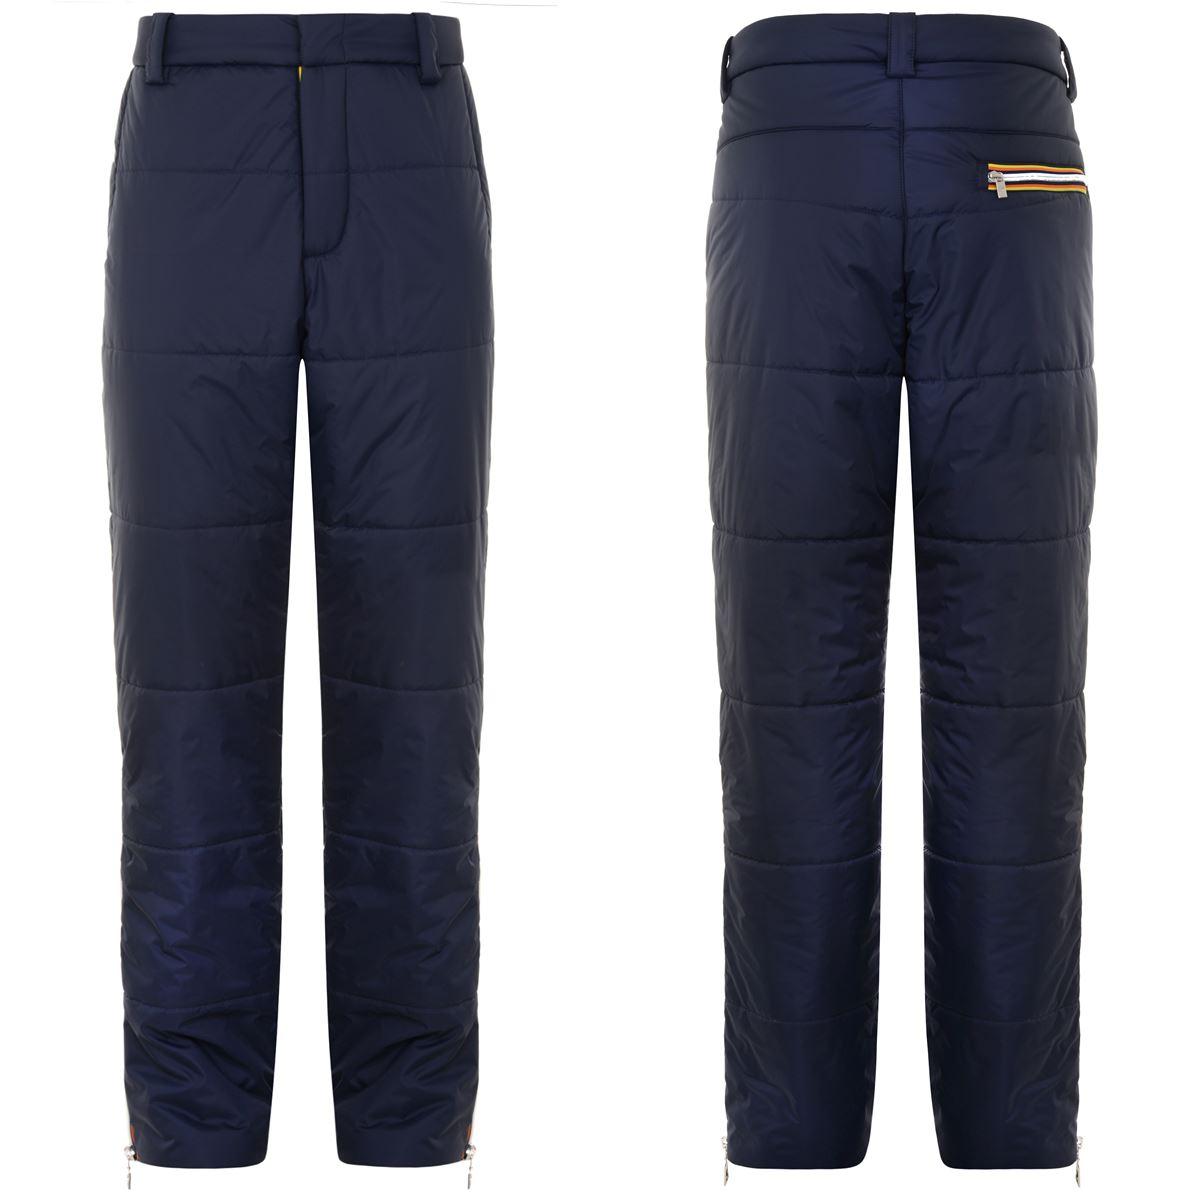 Pantaloni K-way uomo e donna BODE 3.0-K00B6X0